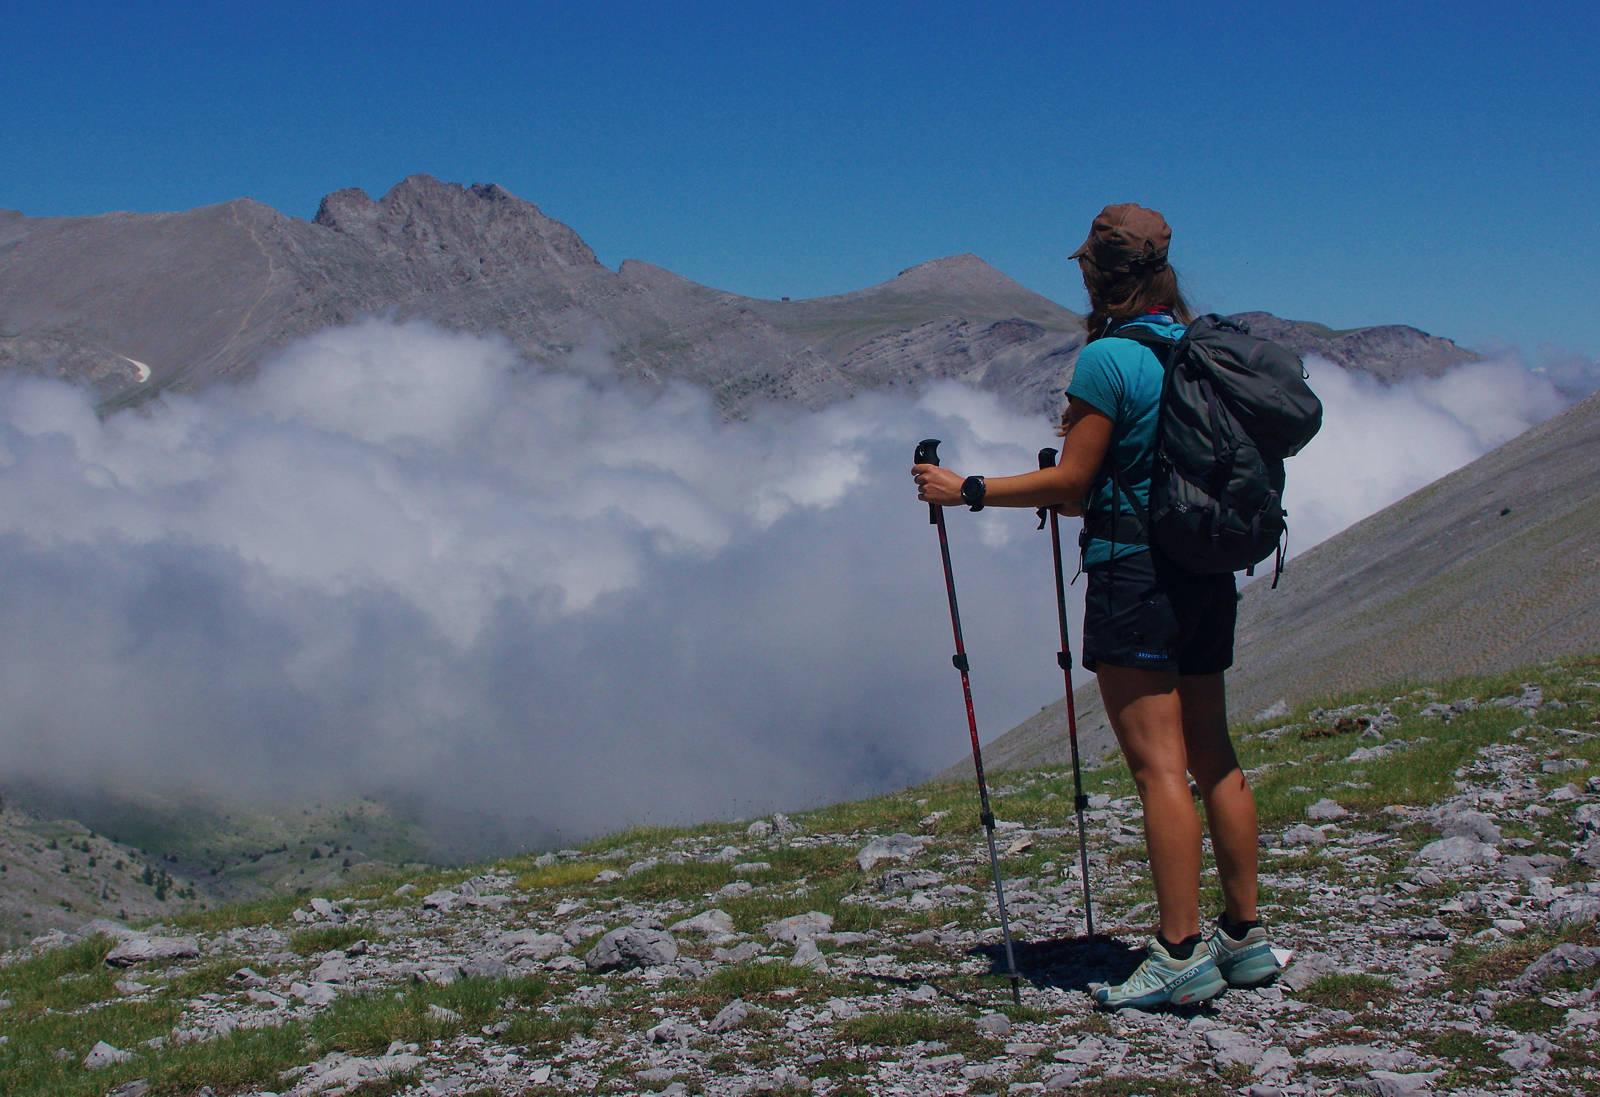 Στην κόψη του Καλόγερο, αντικρίζοντας τις άλλες ψηλές κορυφές του Ολύμπου